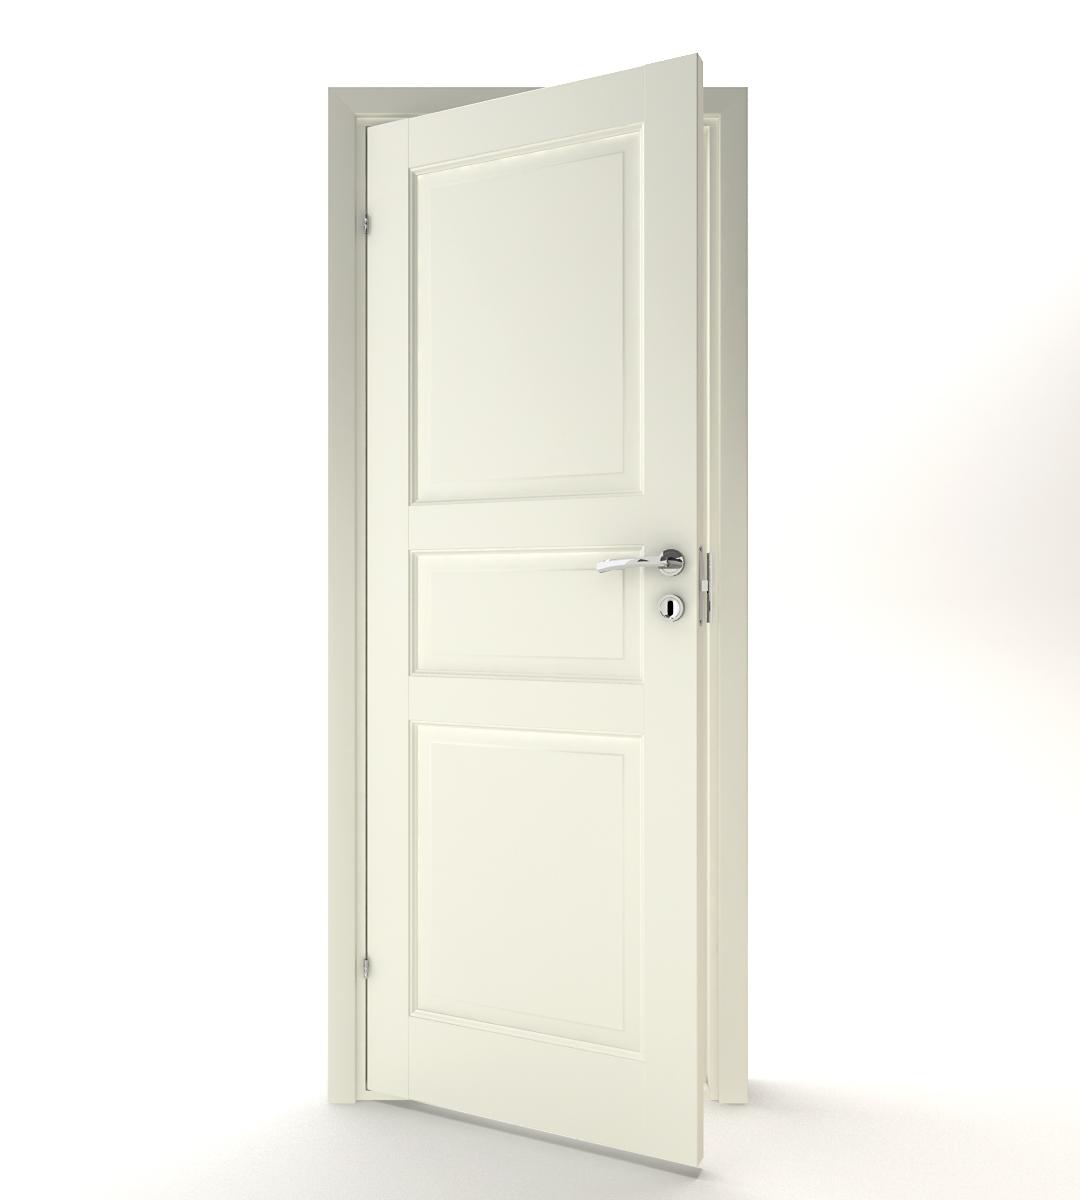 Dörrfolie spegeldörr